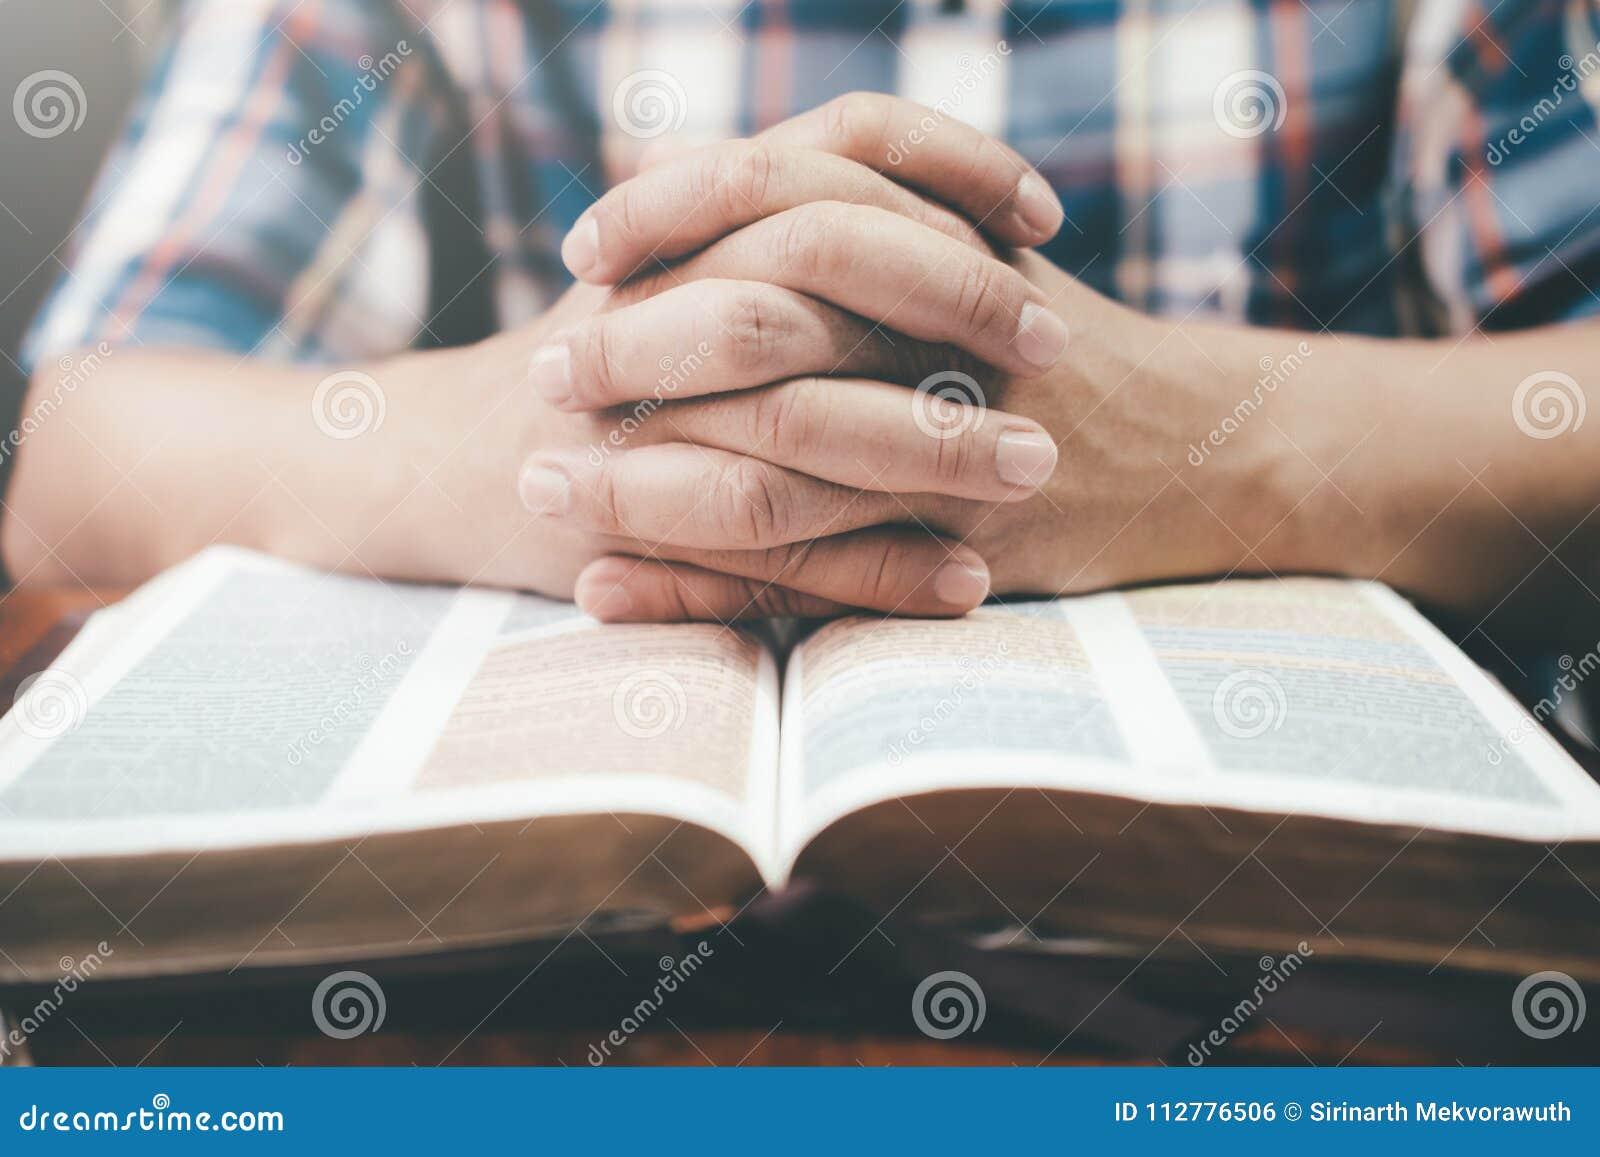 Équipez la prière, mains étreintes ensemble sur sa bible